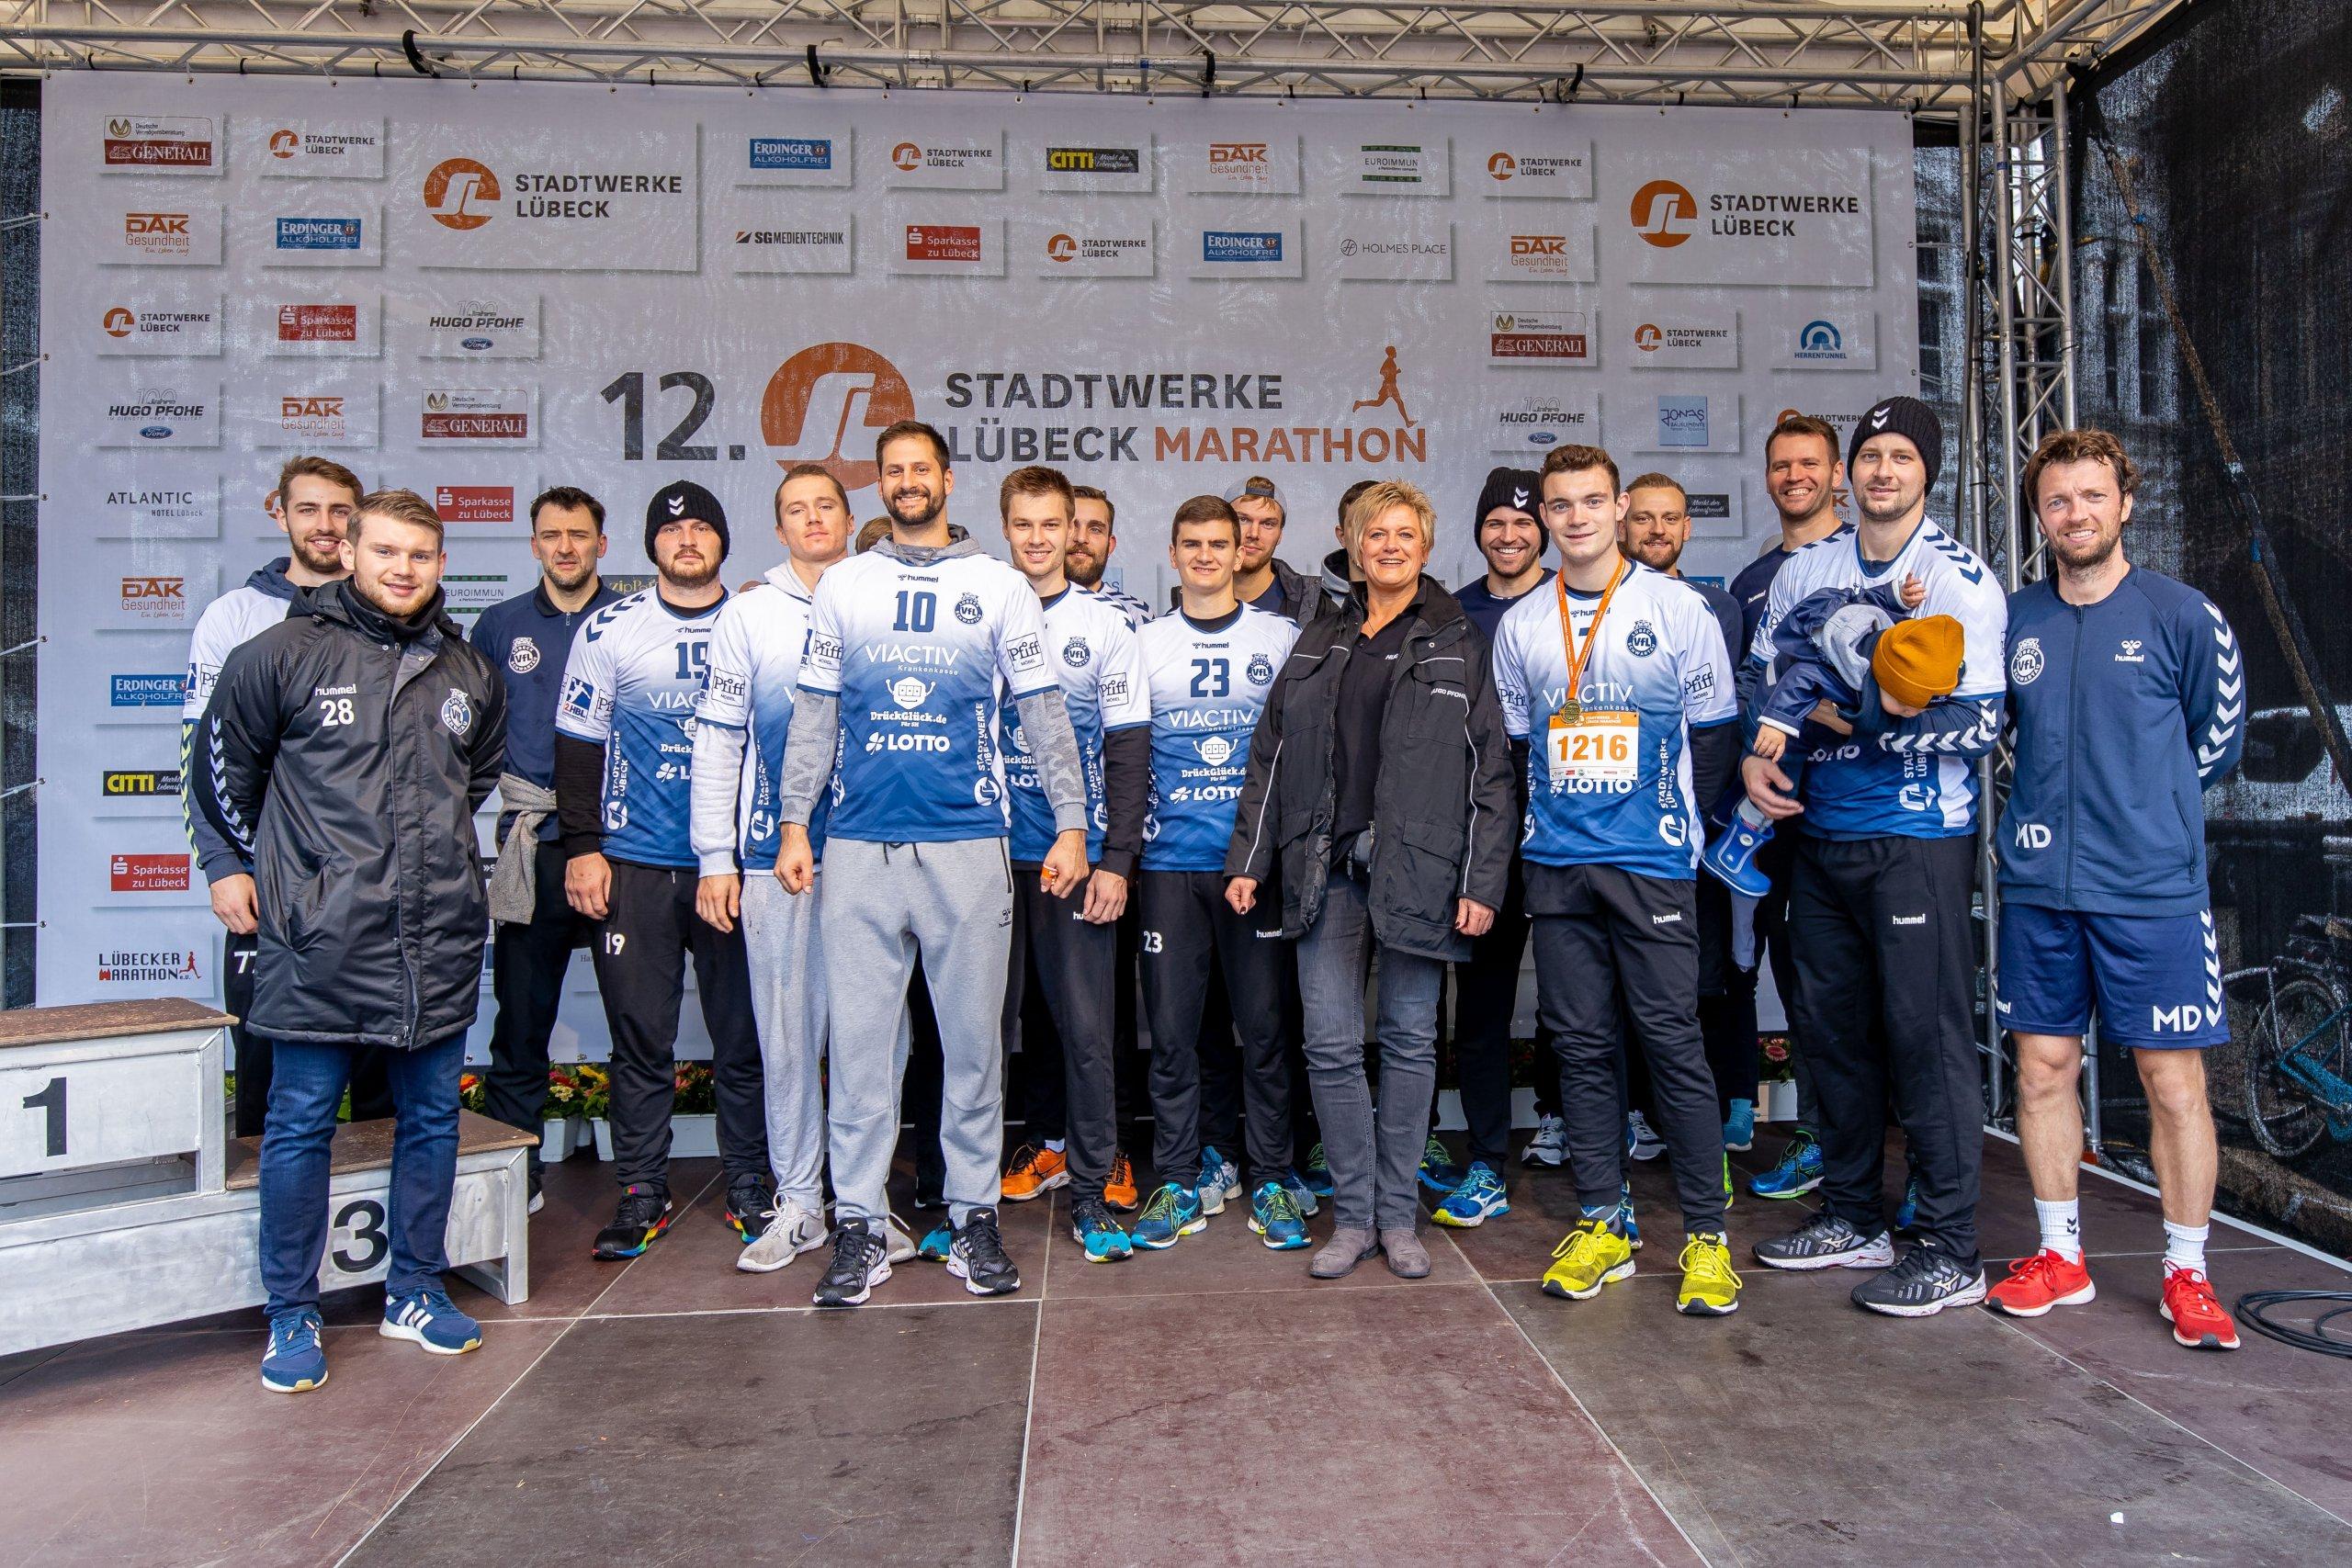 Stadtwerke Lübeck Marathon